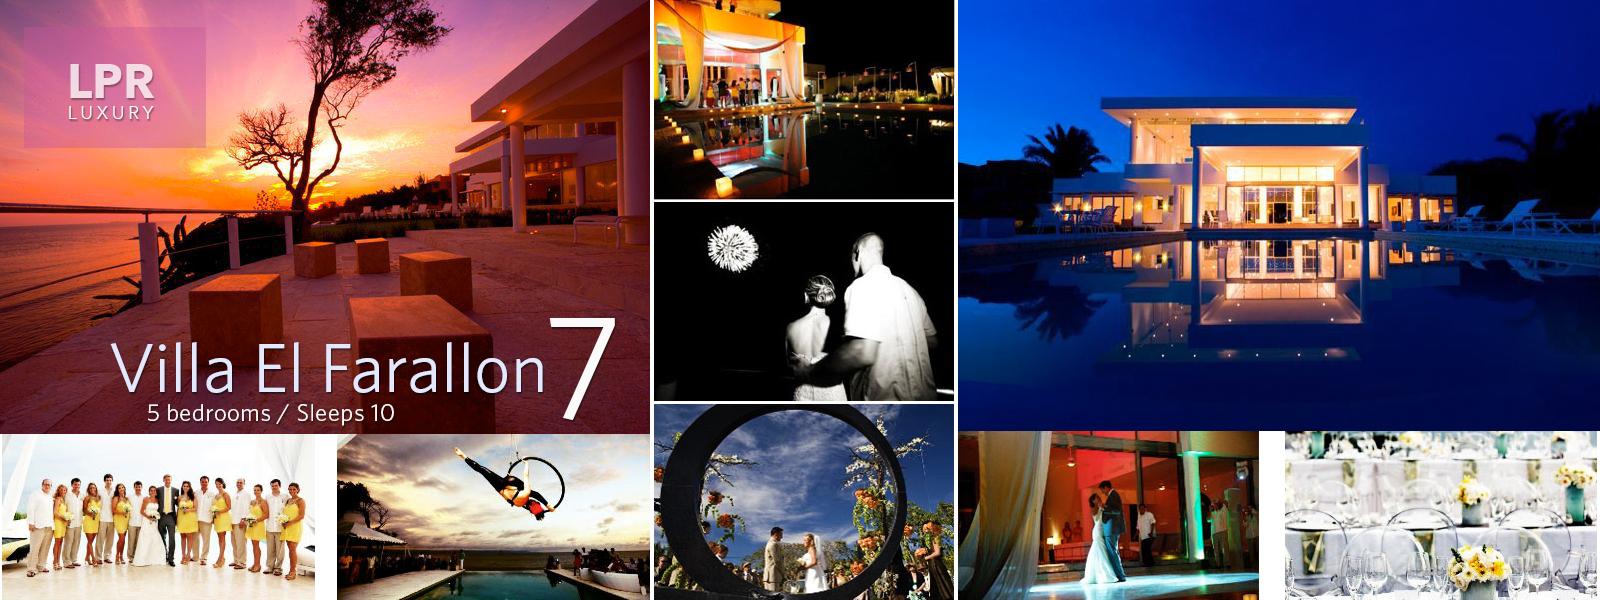 Villa El Farallon 7 - Luxury Punta de Mita Rentals - Best Wedding villas in Puerto Vallarta Punta Mita Mexico